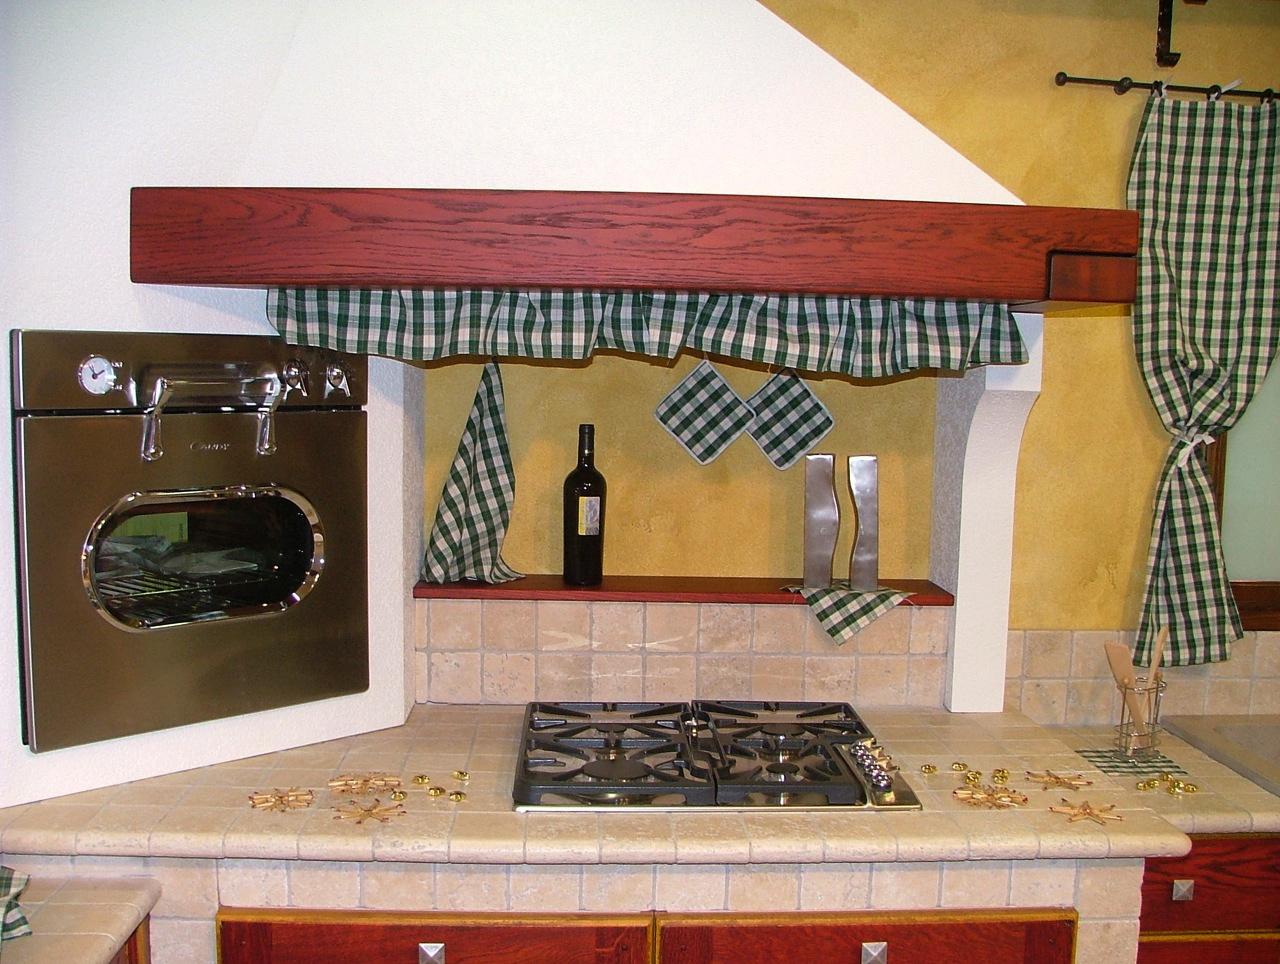 Cucine stile provenzale prezzi perfect cucine shabby chic - Cucine provenzali usate ...